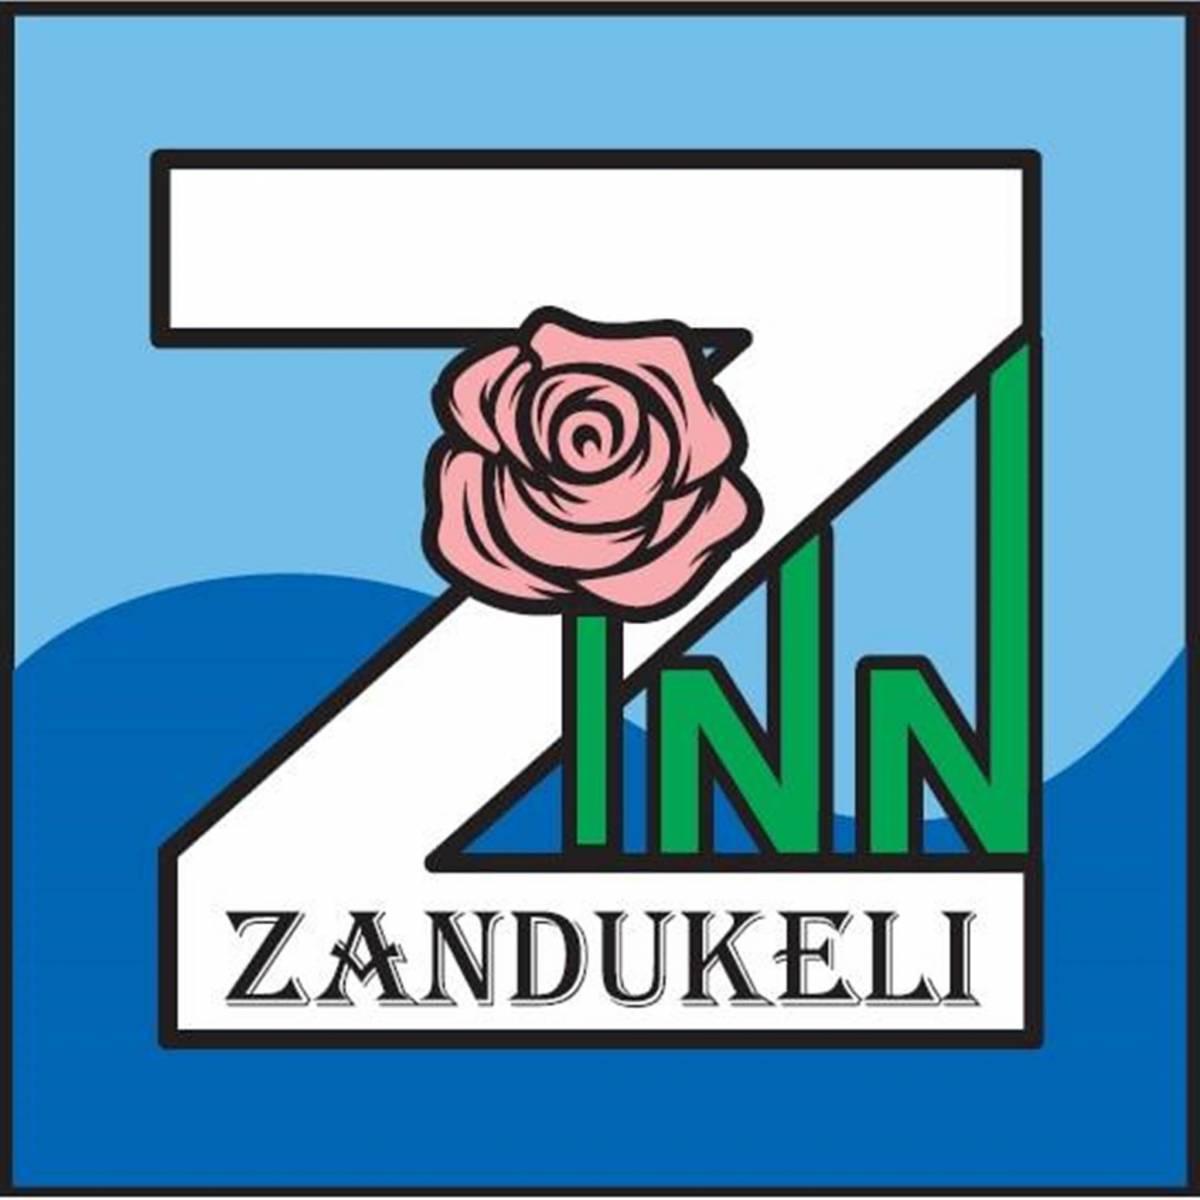 Hotel Zandukeli Inn, T'elavi, Georgia Republic, Georgia Republic bed and breakfasts and hotels